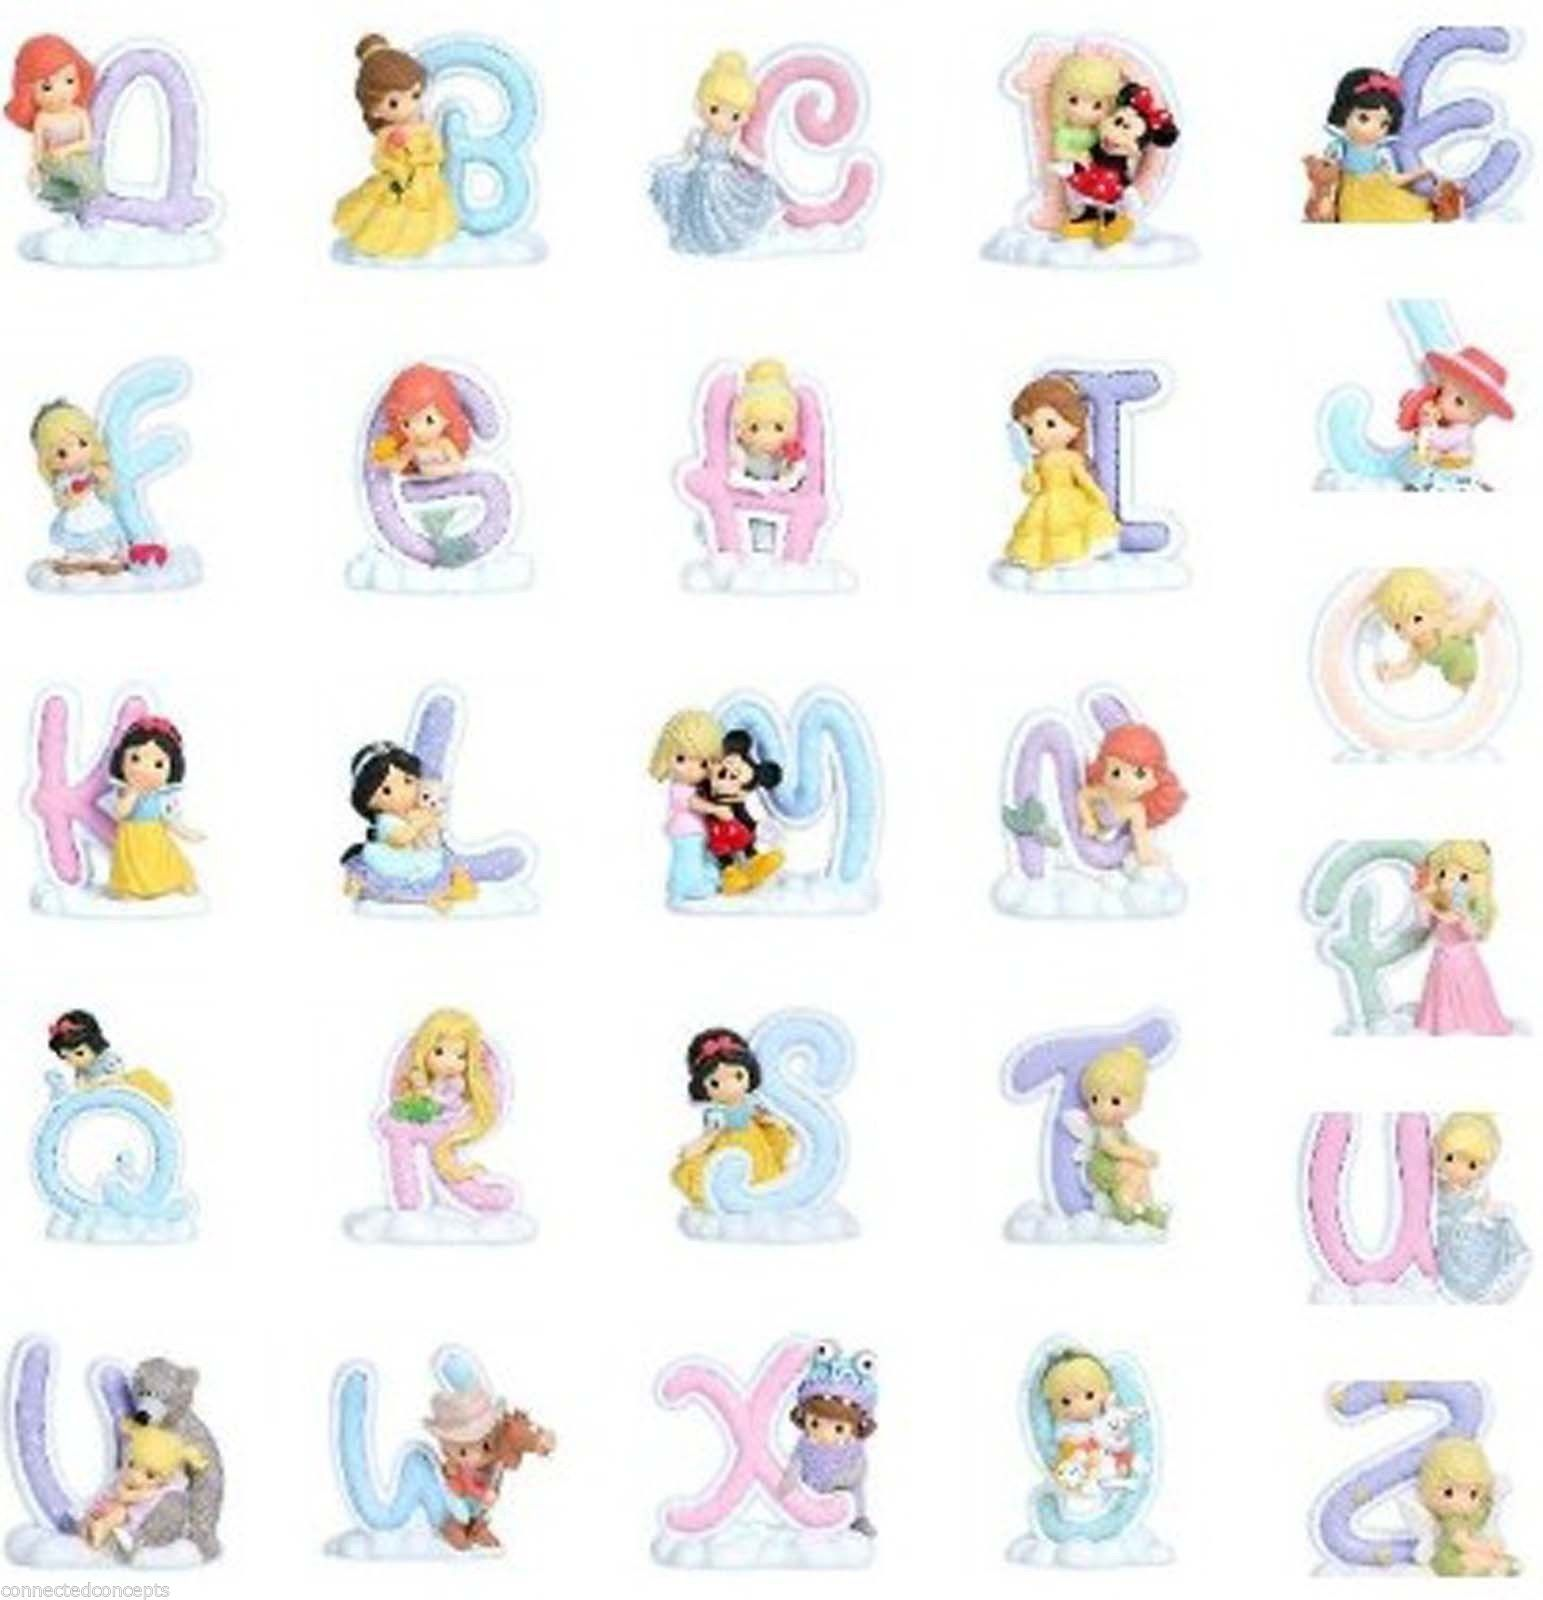 Precious Moments Disney Princess Alphabet Figures Limited